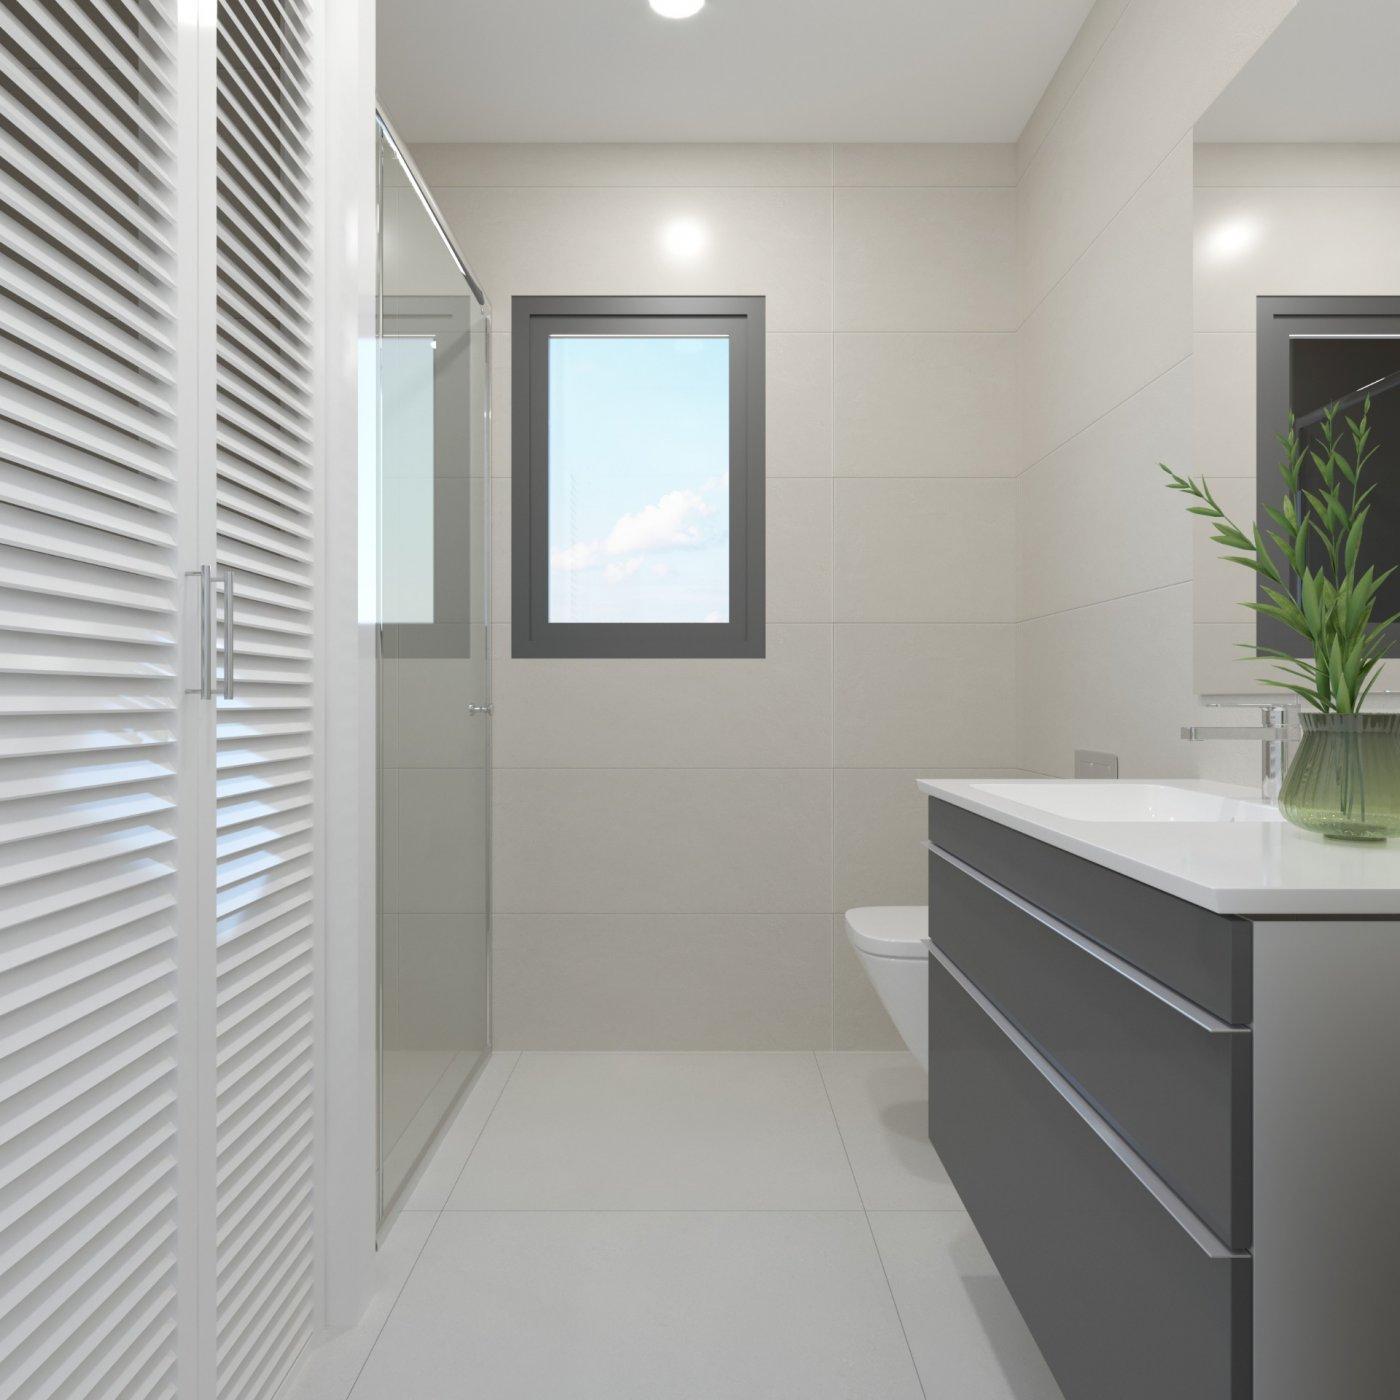 Villas modernas en sierra cortina (finestrat) a un paso de benidorm - imagenInmueble13